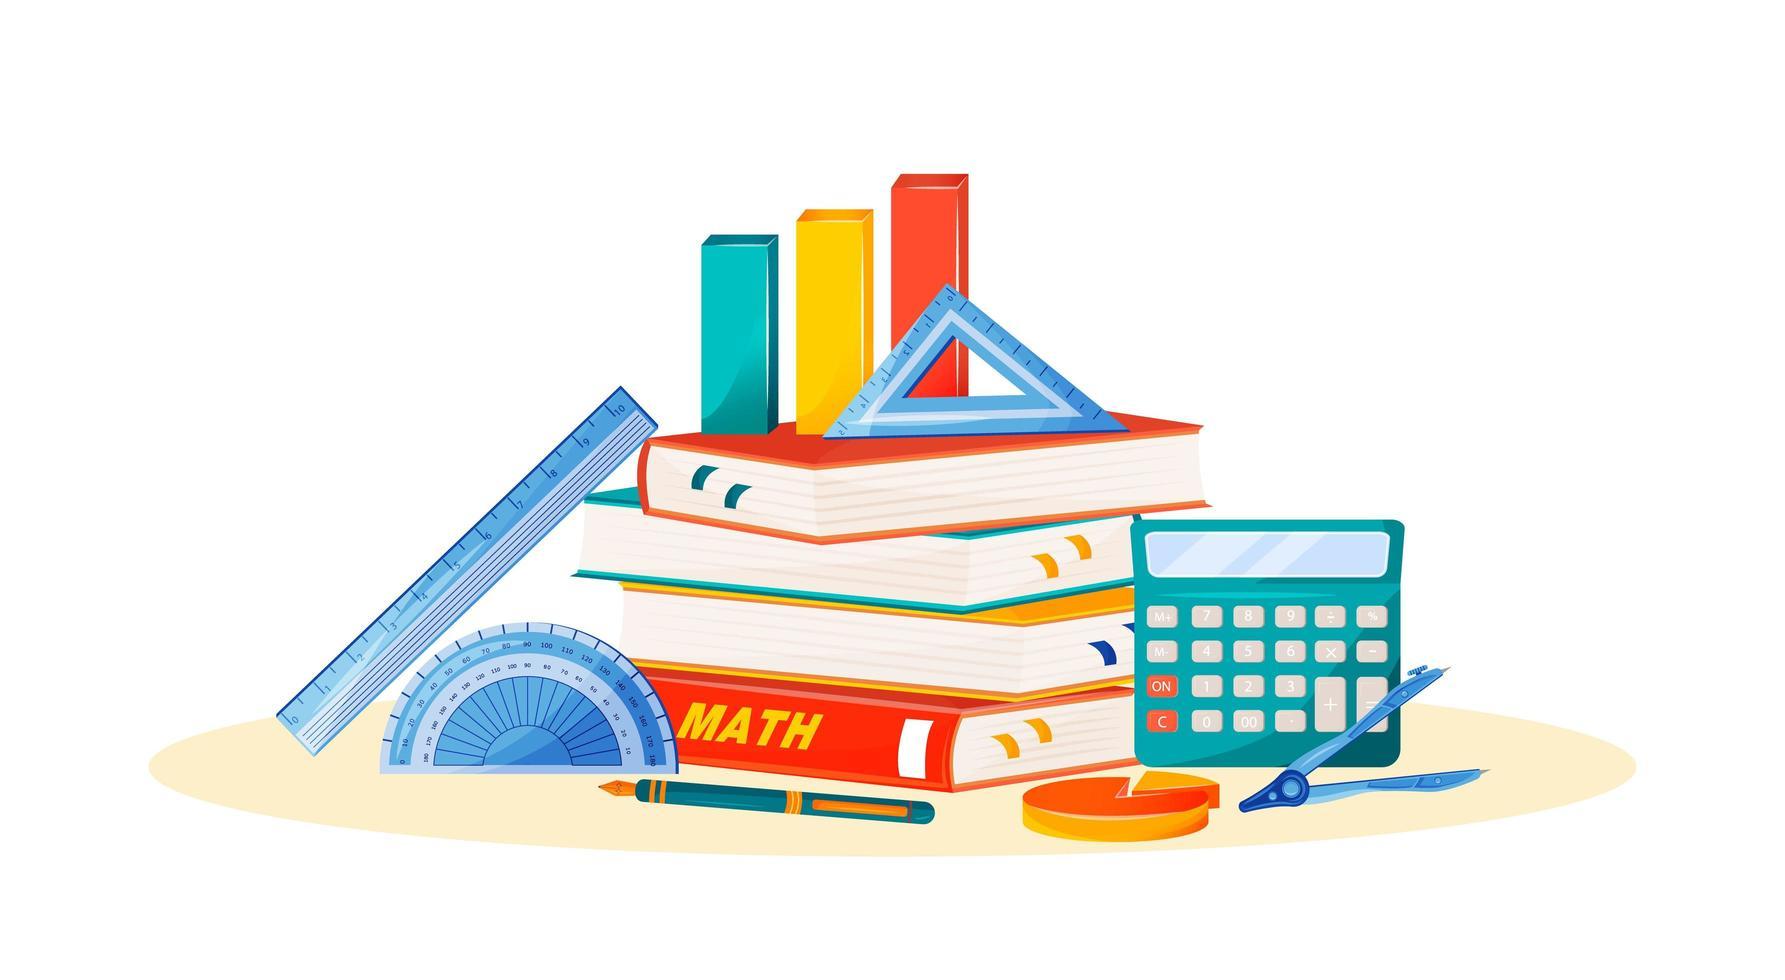 livres et fournitures de mathématiques vecteur